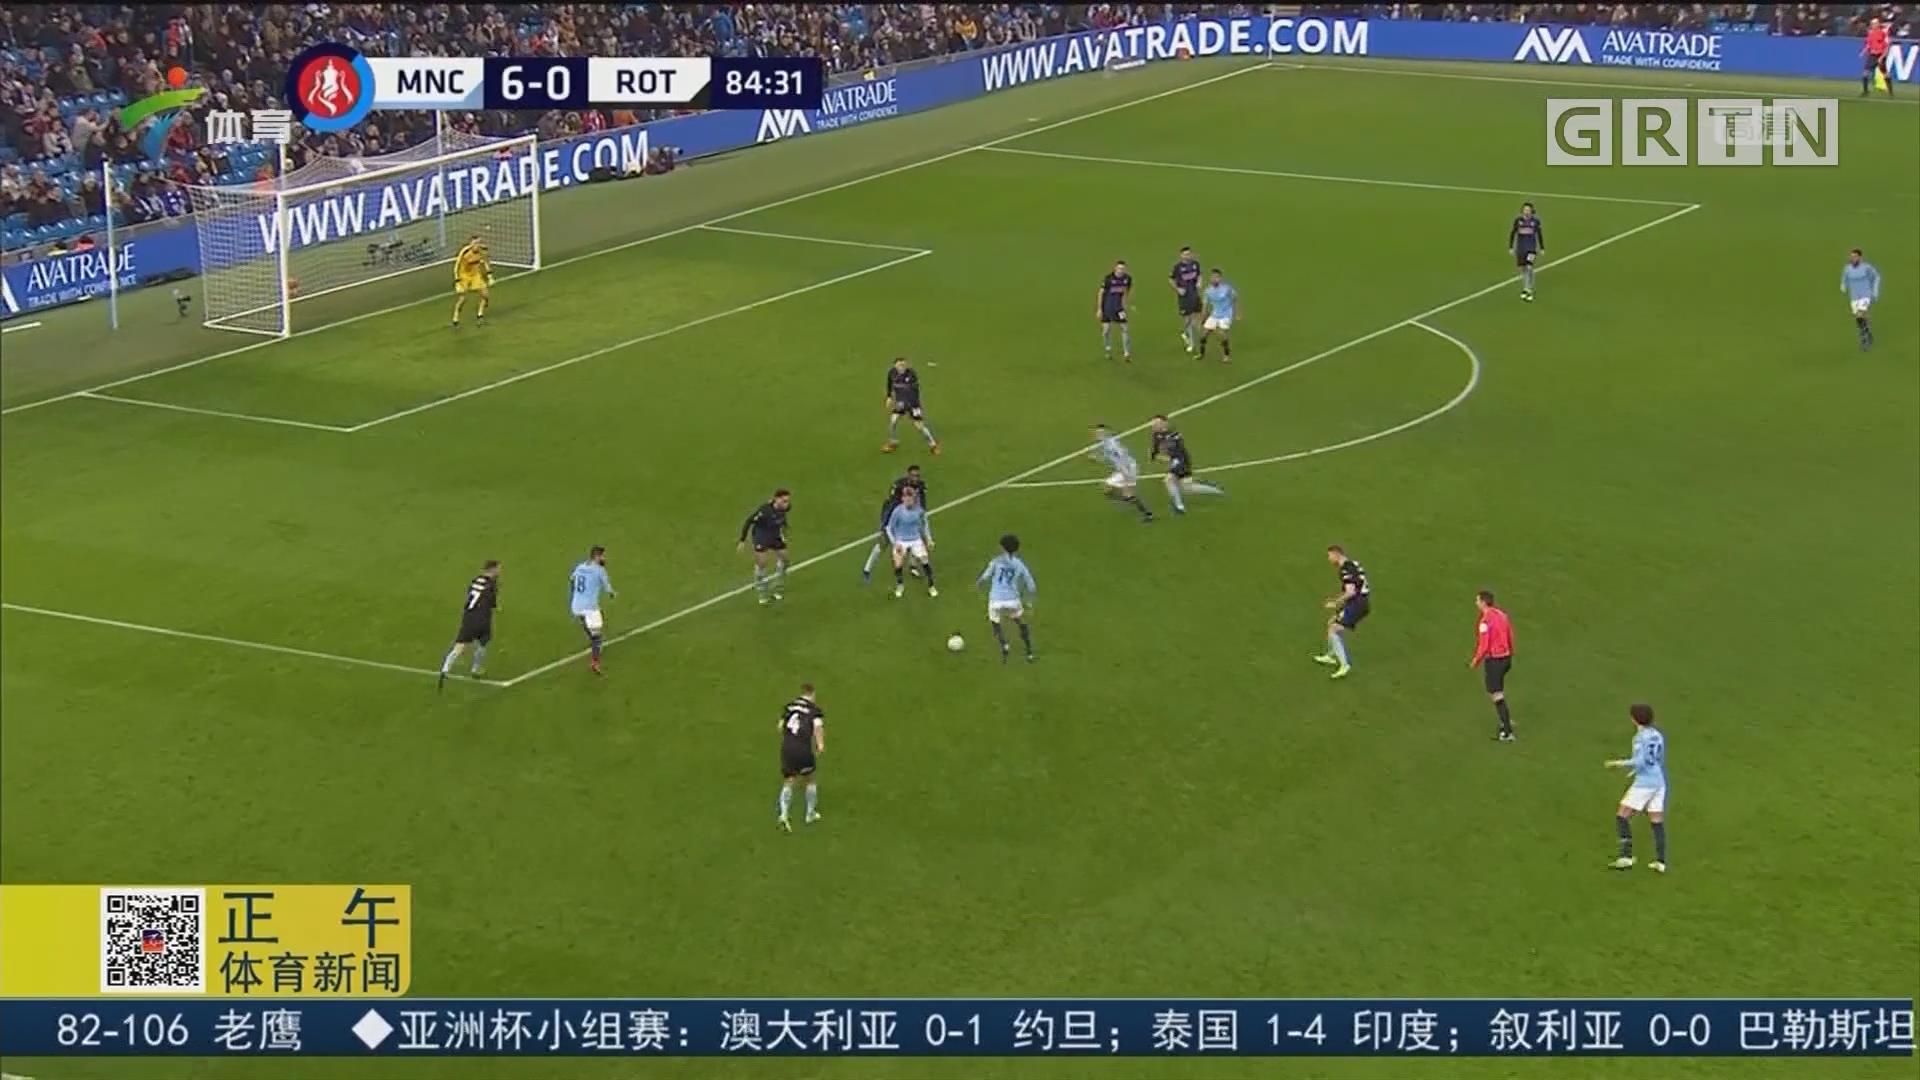 足总杯 京多安助攻大四喜 曼城7球狂胜